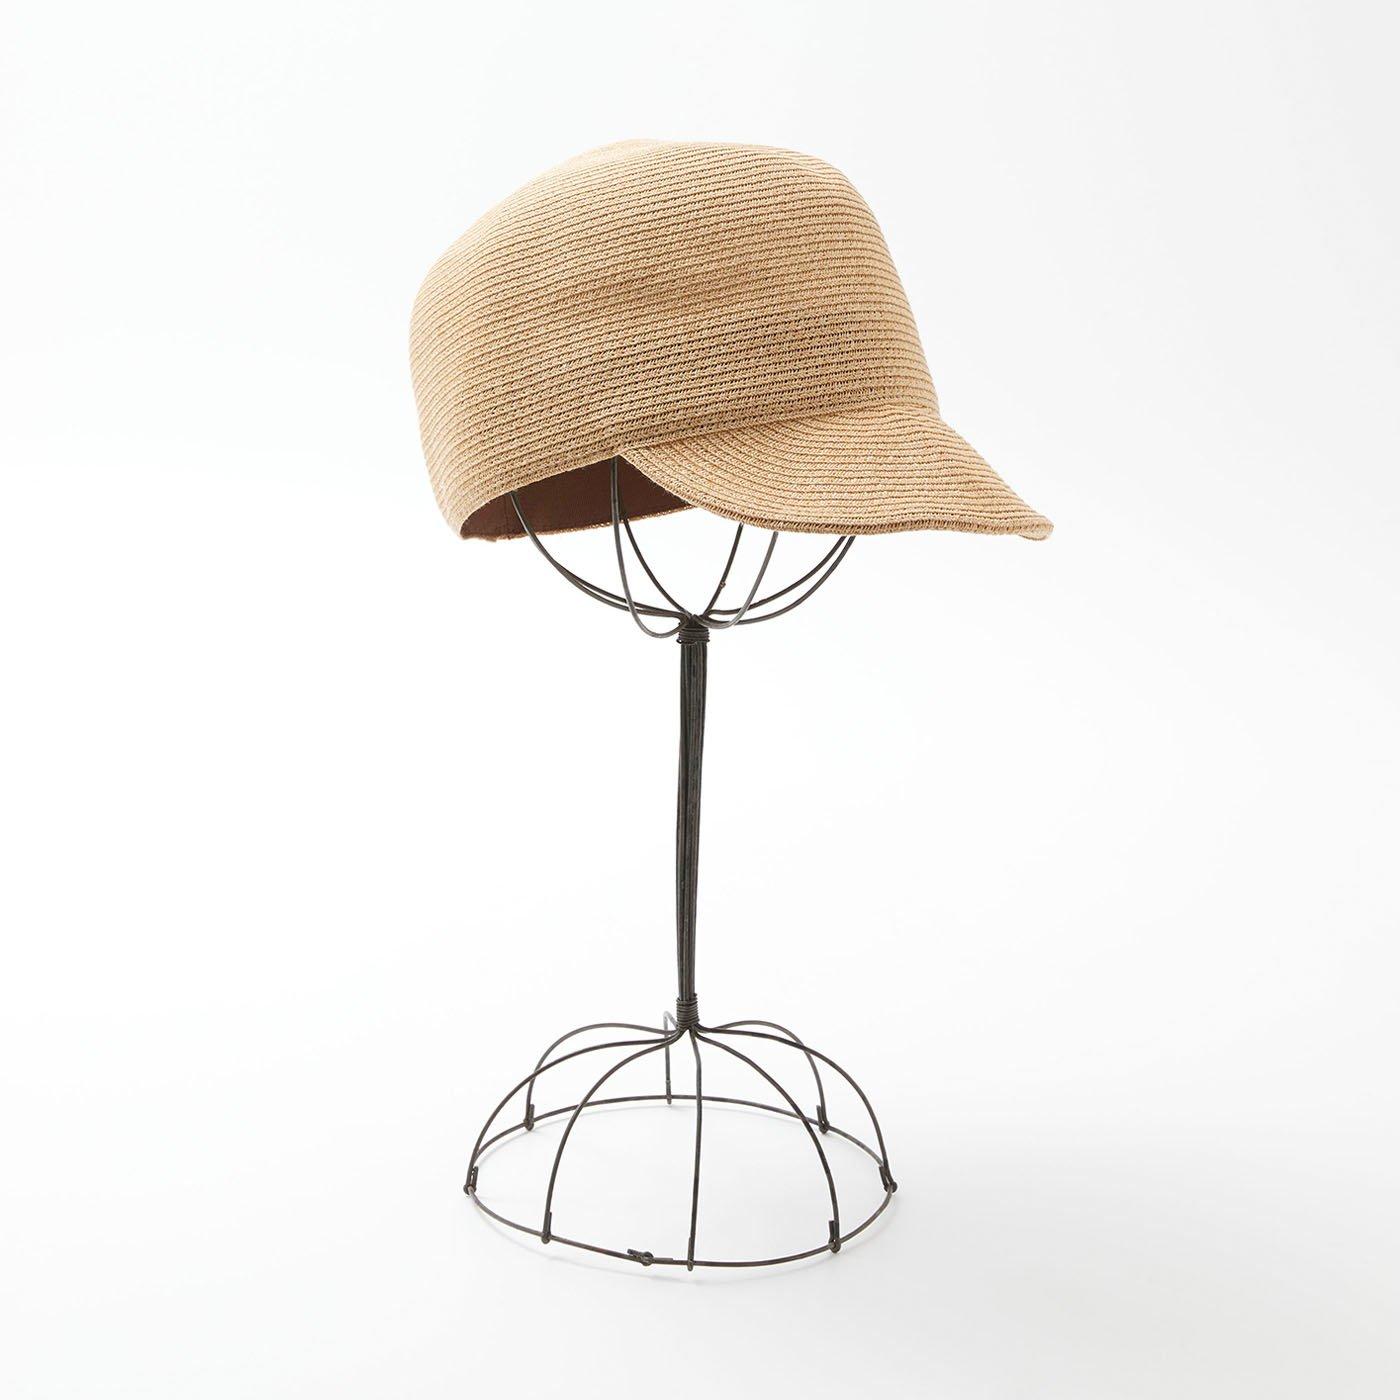 odds 夏のキャップ帽〈ナチュラル〉